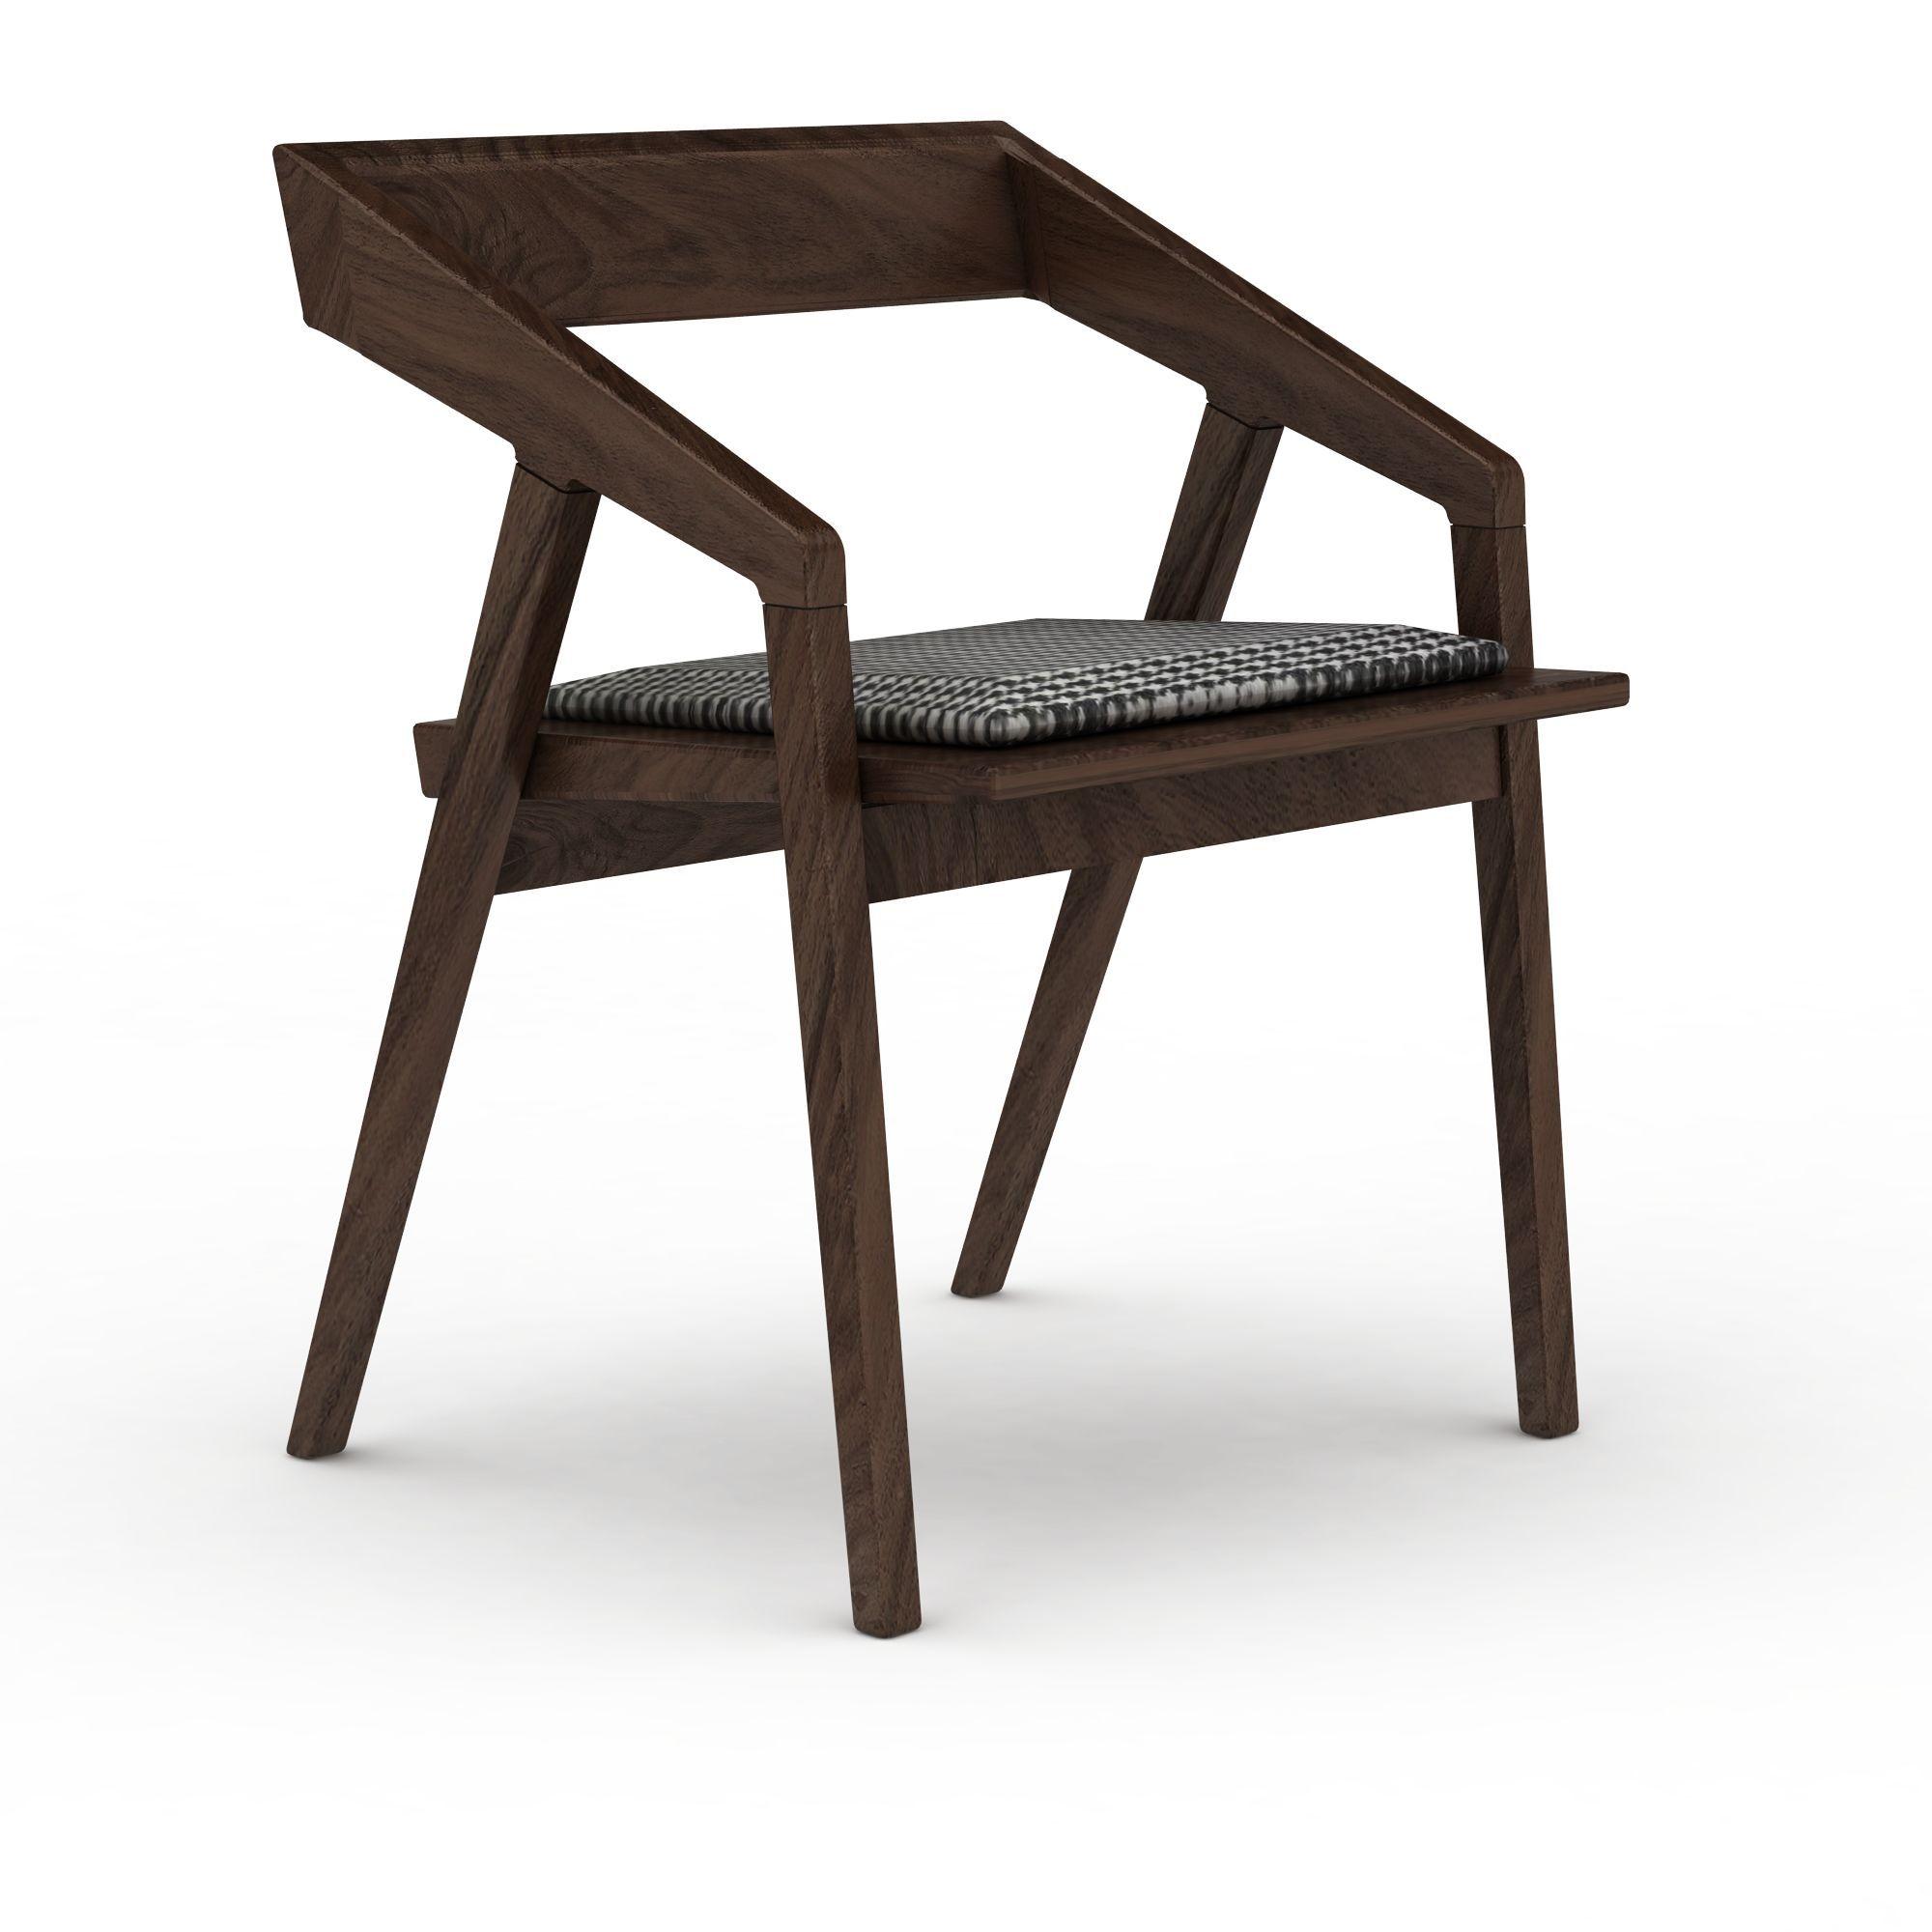 中式實木椅子png高清圖  中式實木椅子高清圖詳情 設計師 3d學院 模型